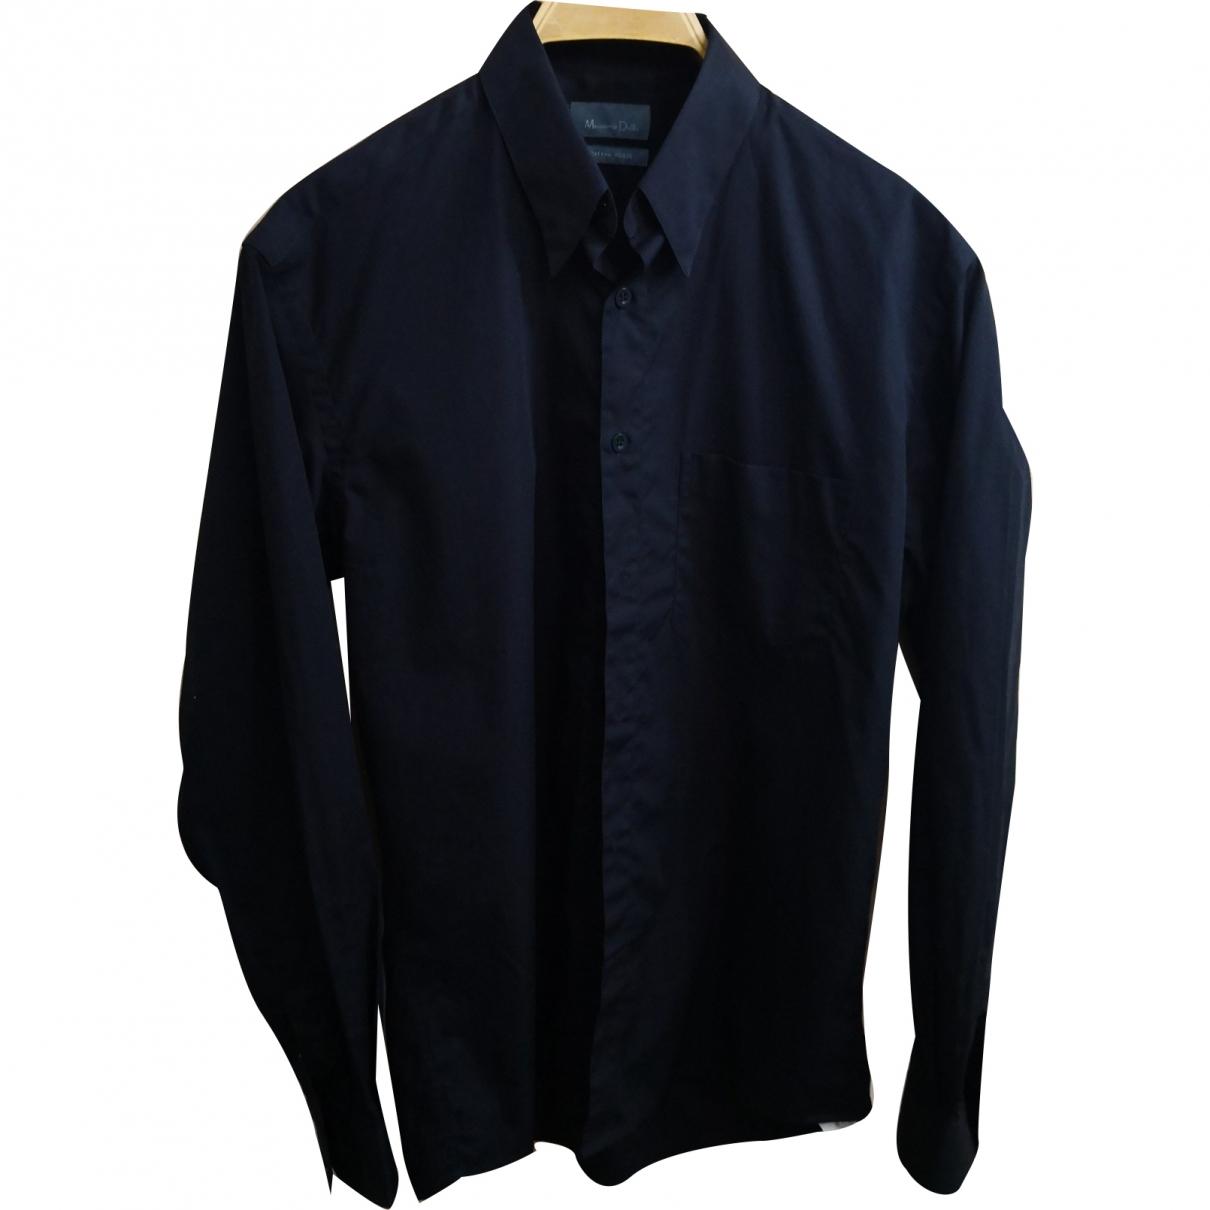 Massimo Dutti - Chemises   pour homme en coton - noir